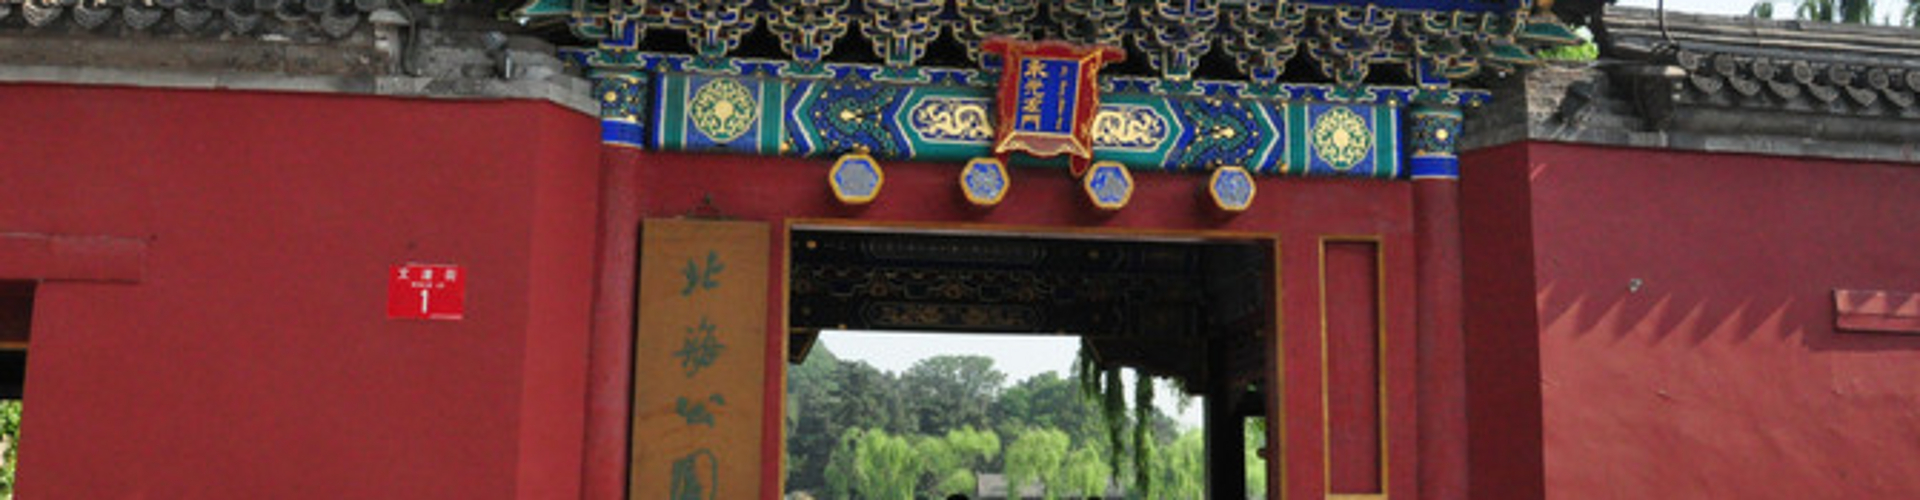 中俄帝都之旅:北京、莫斯科、圣彼得堡【一】北京北海公园